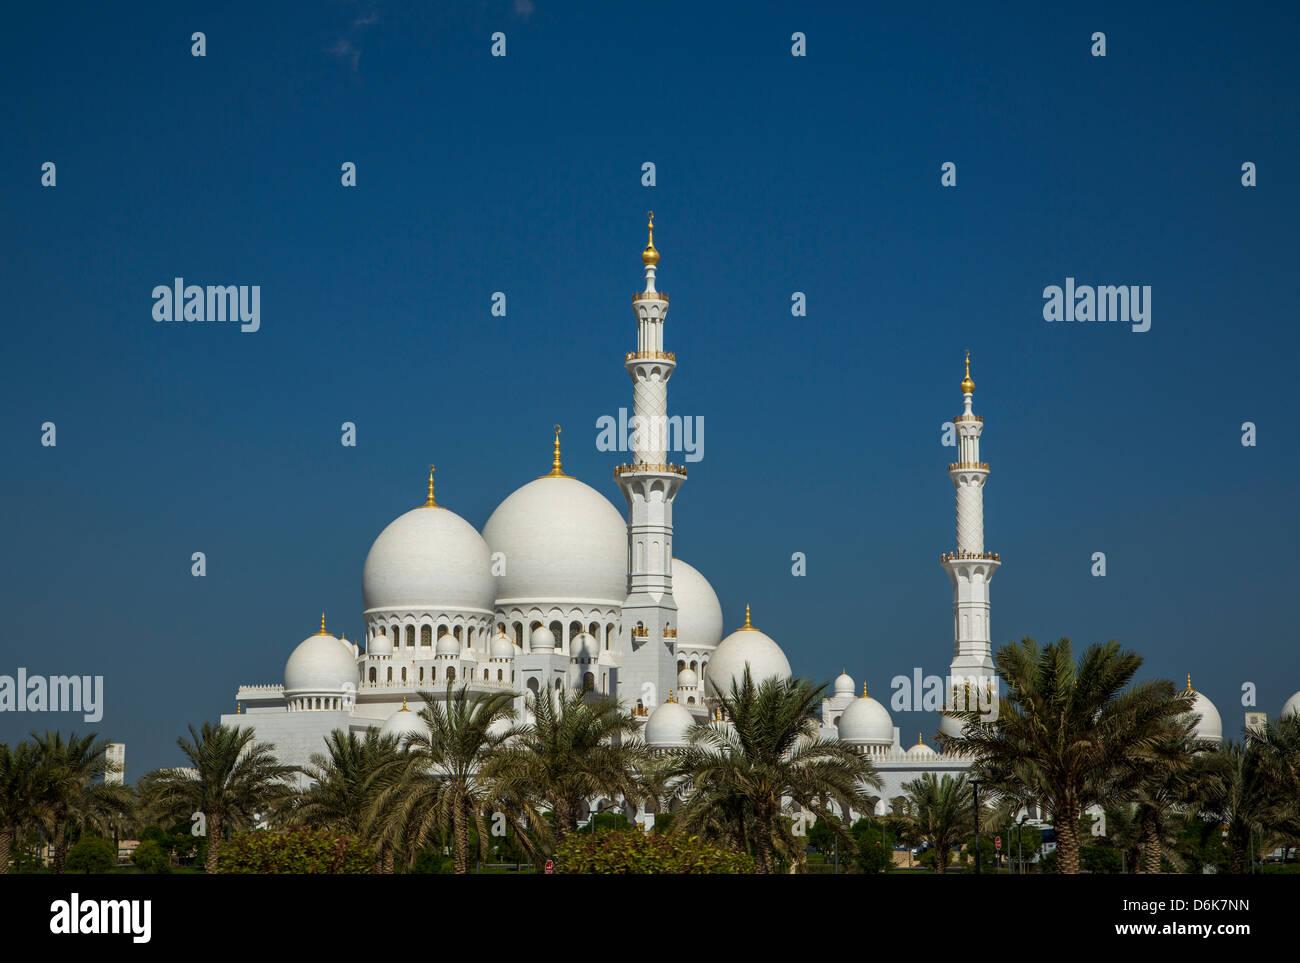 Abu Dhabi, Emiratos Árabes Unidos, Oriente Medio Imagen De Stock